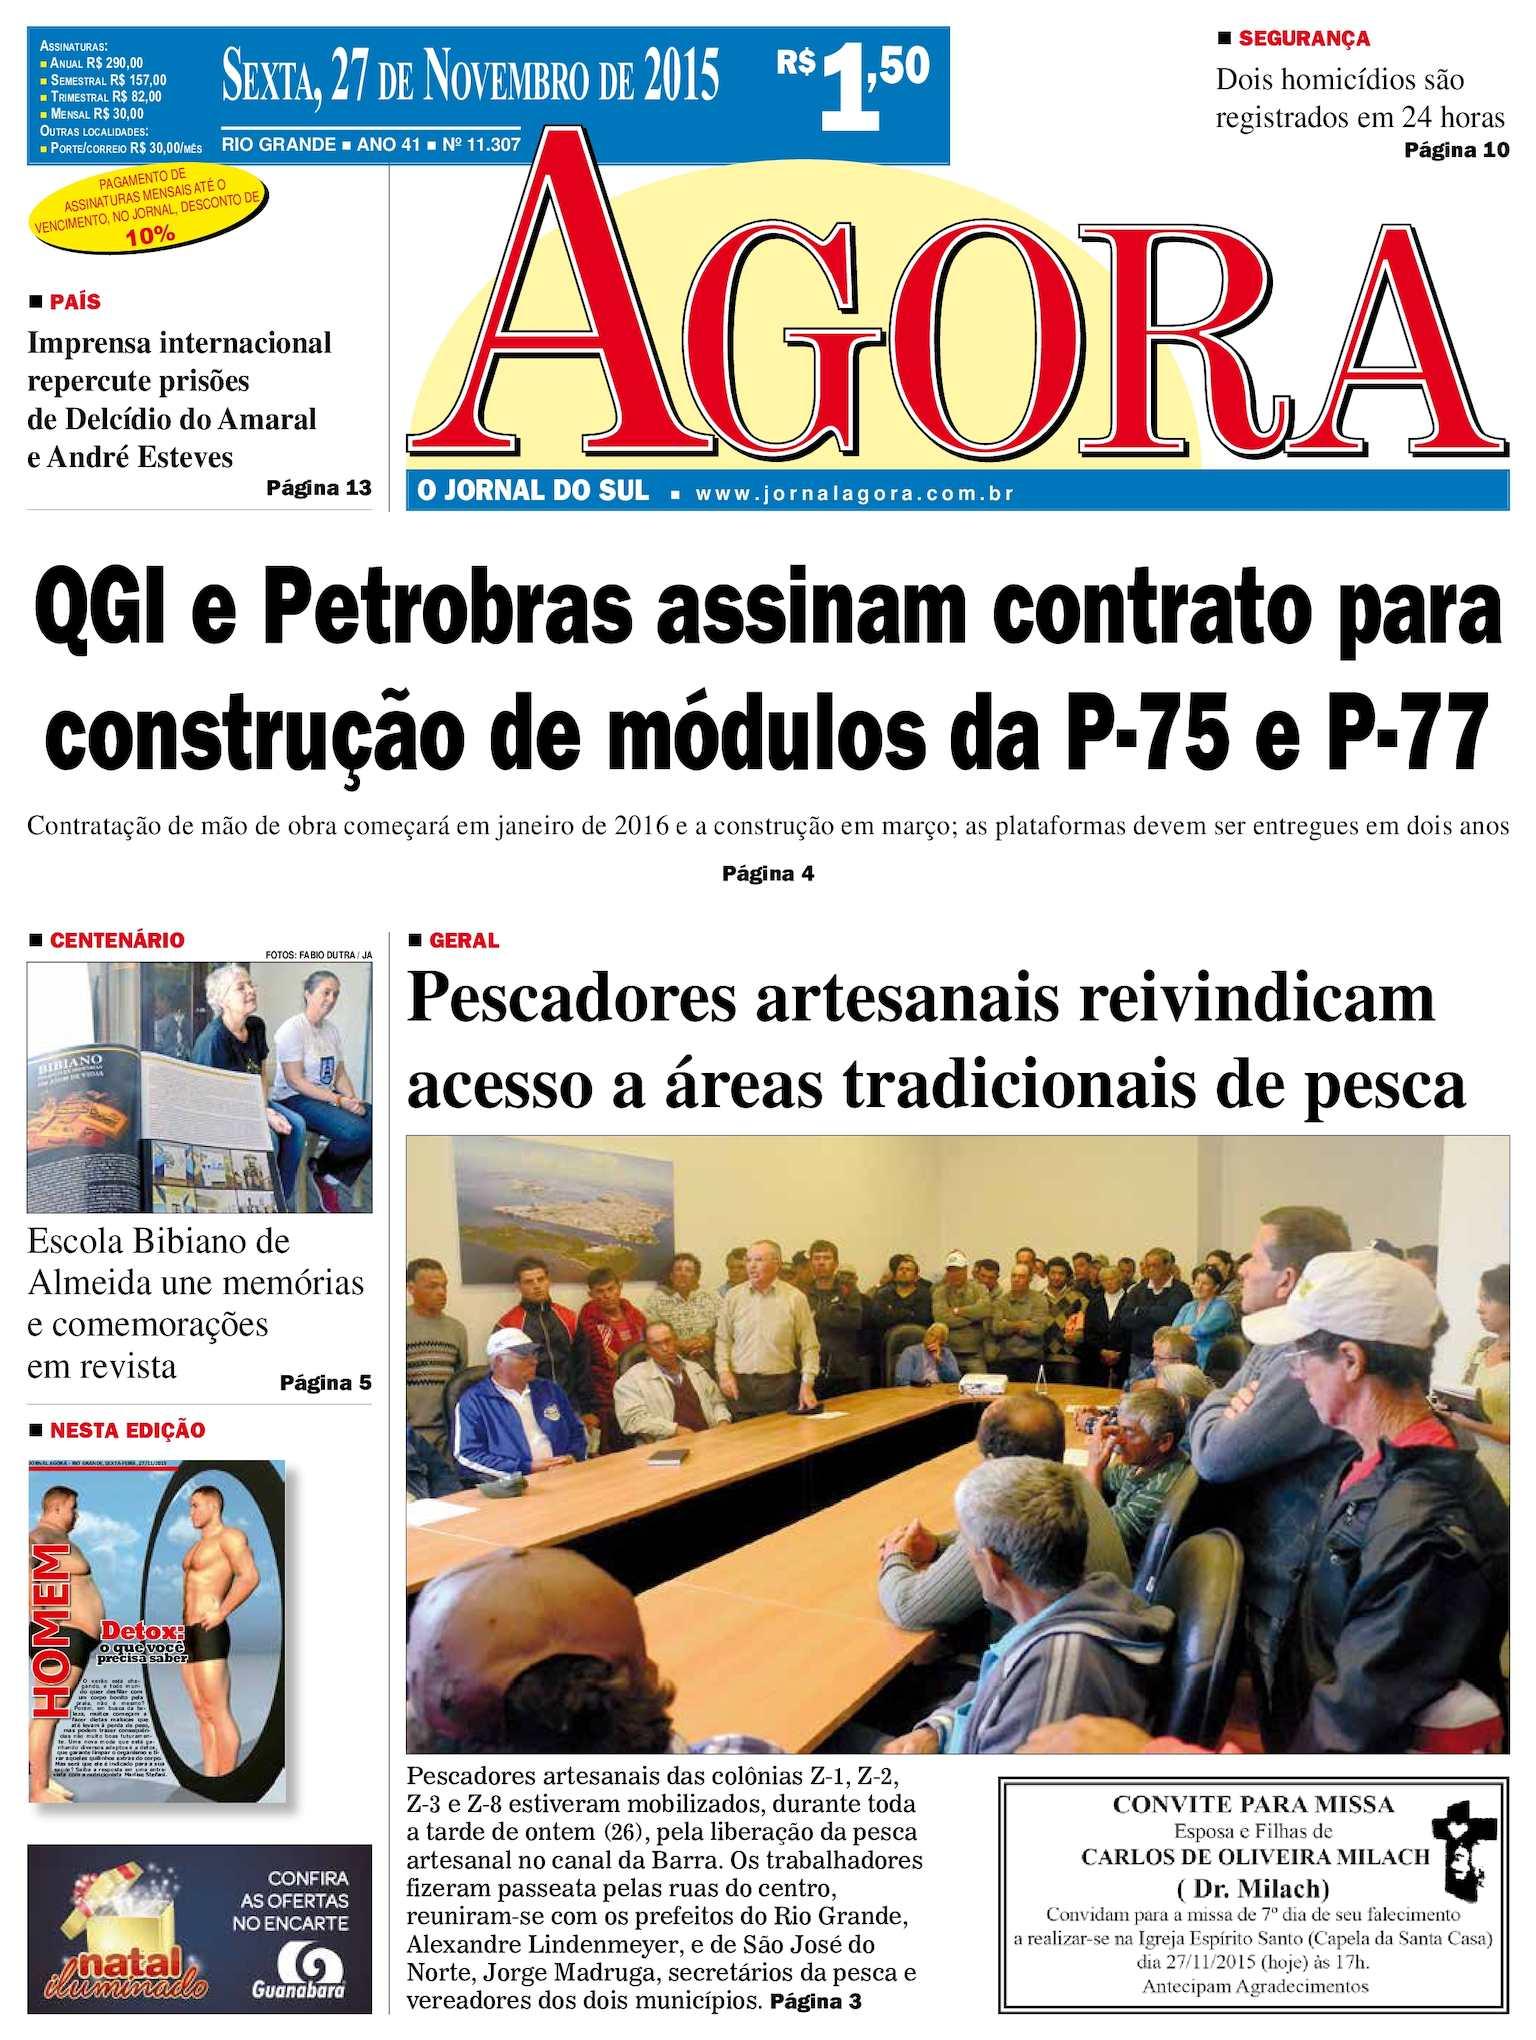 Calaméo - Jornal Agora - Edição 11307 - 27 de Novembro de 2015 62d8b35dc7e